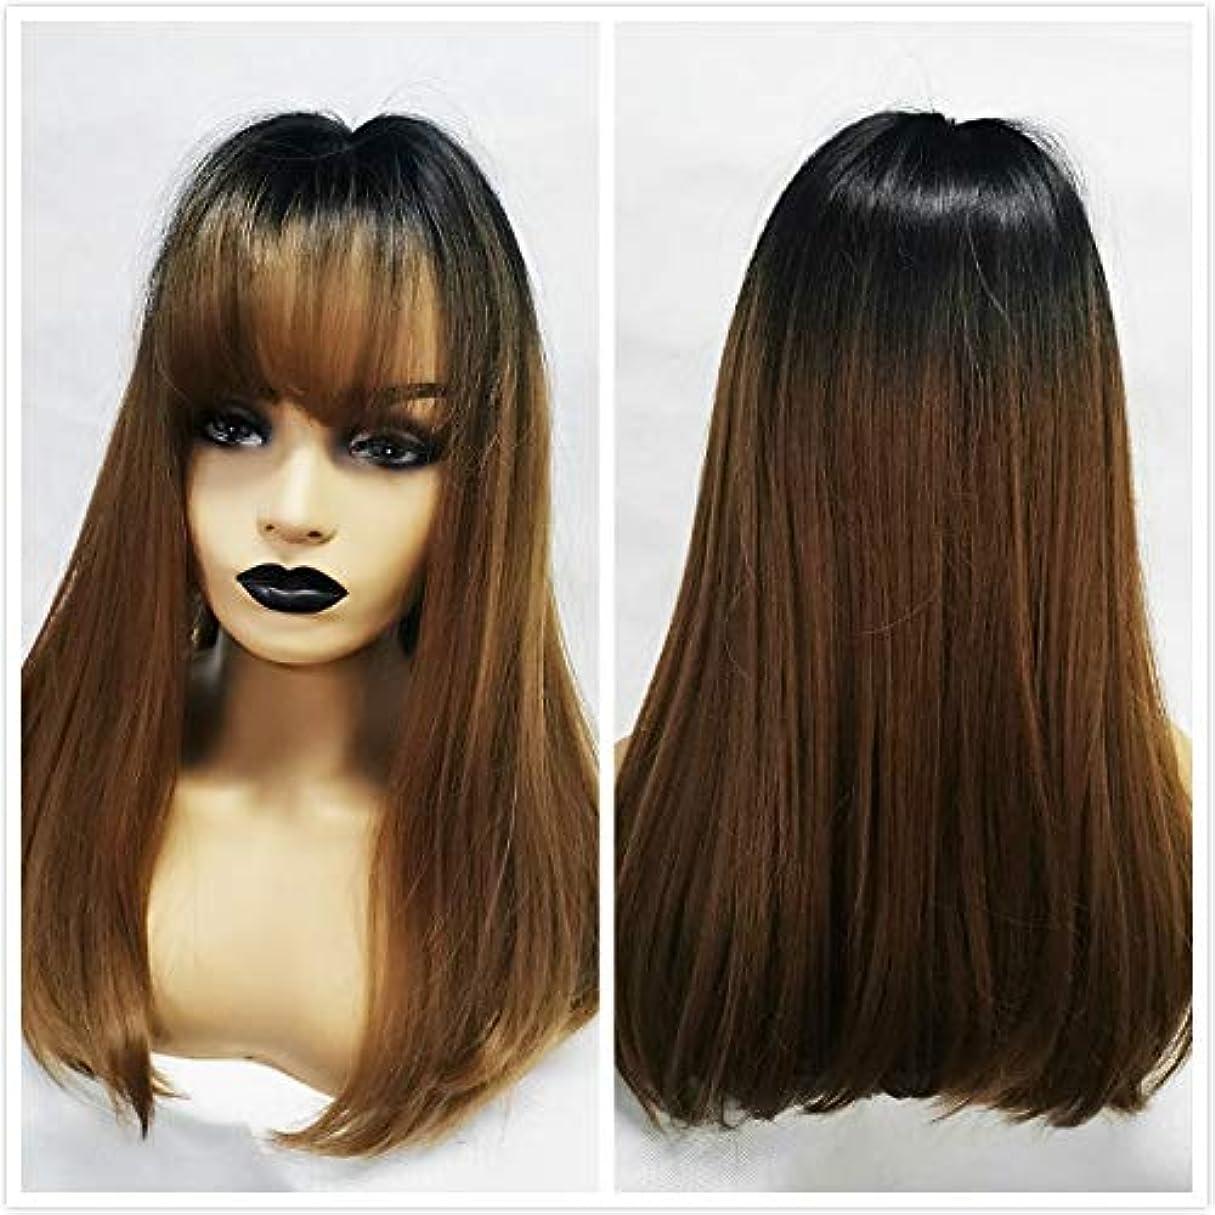 上陸安全性中に女性の好きなウィッグ 黒人女性のための前髪とALAN EATON合成ウィッグロングストレートレイヤー髪型オンブルブラックブラウンブロンドグレー灰のフルウィッグ (Color : Lc167 1)